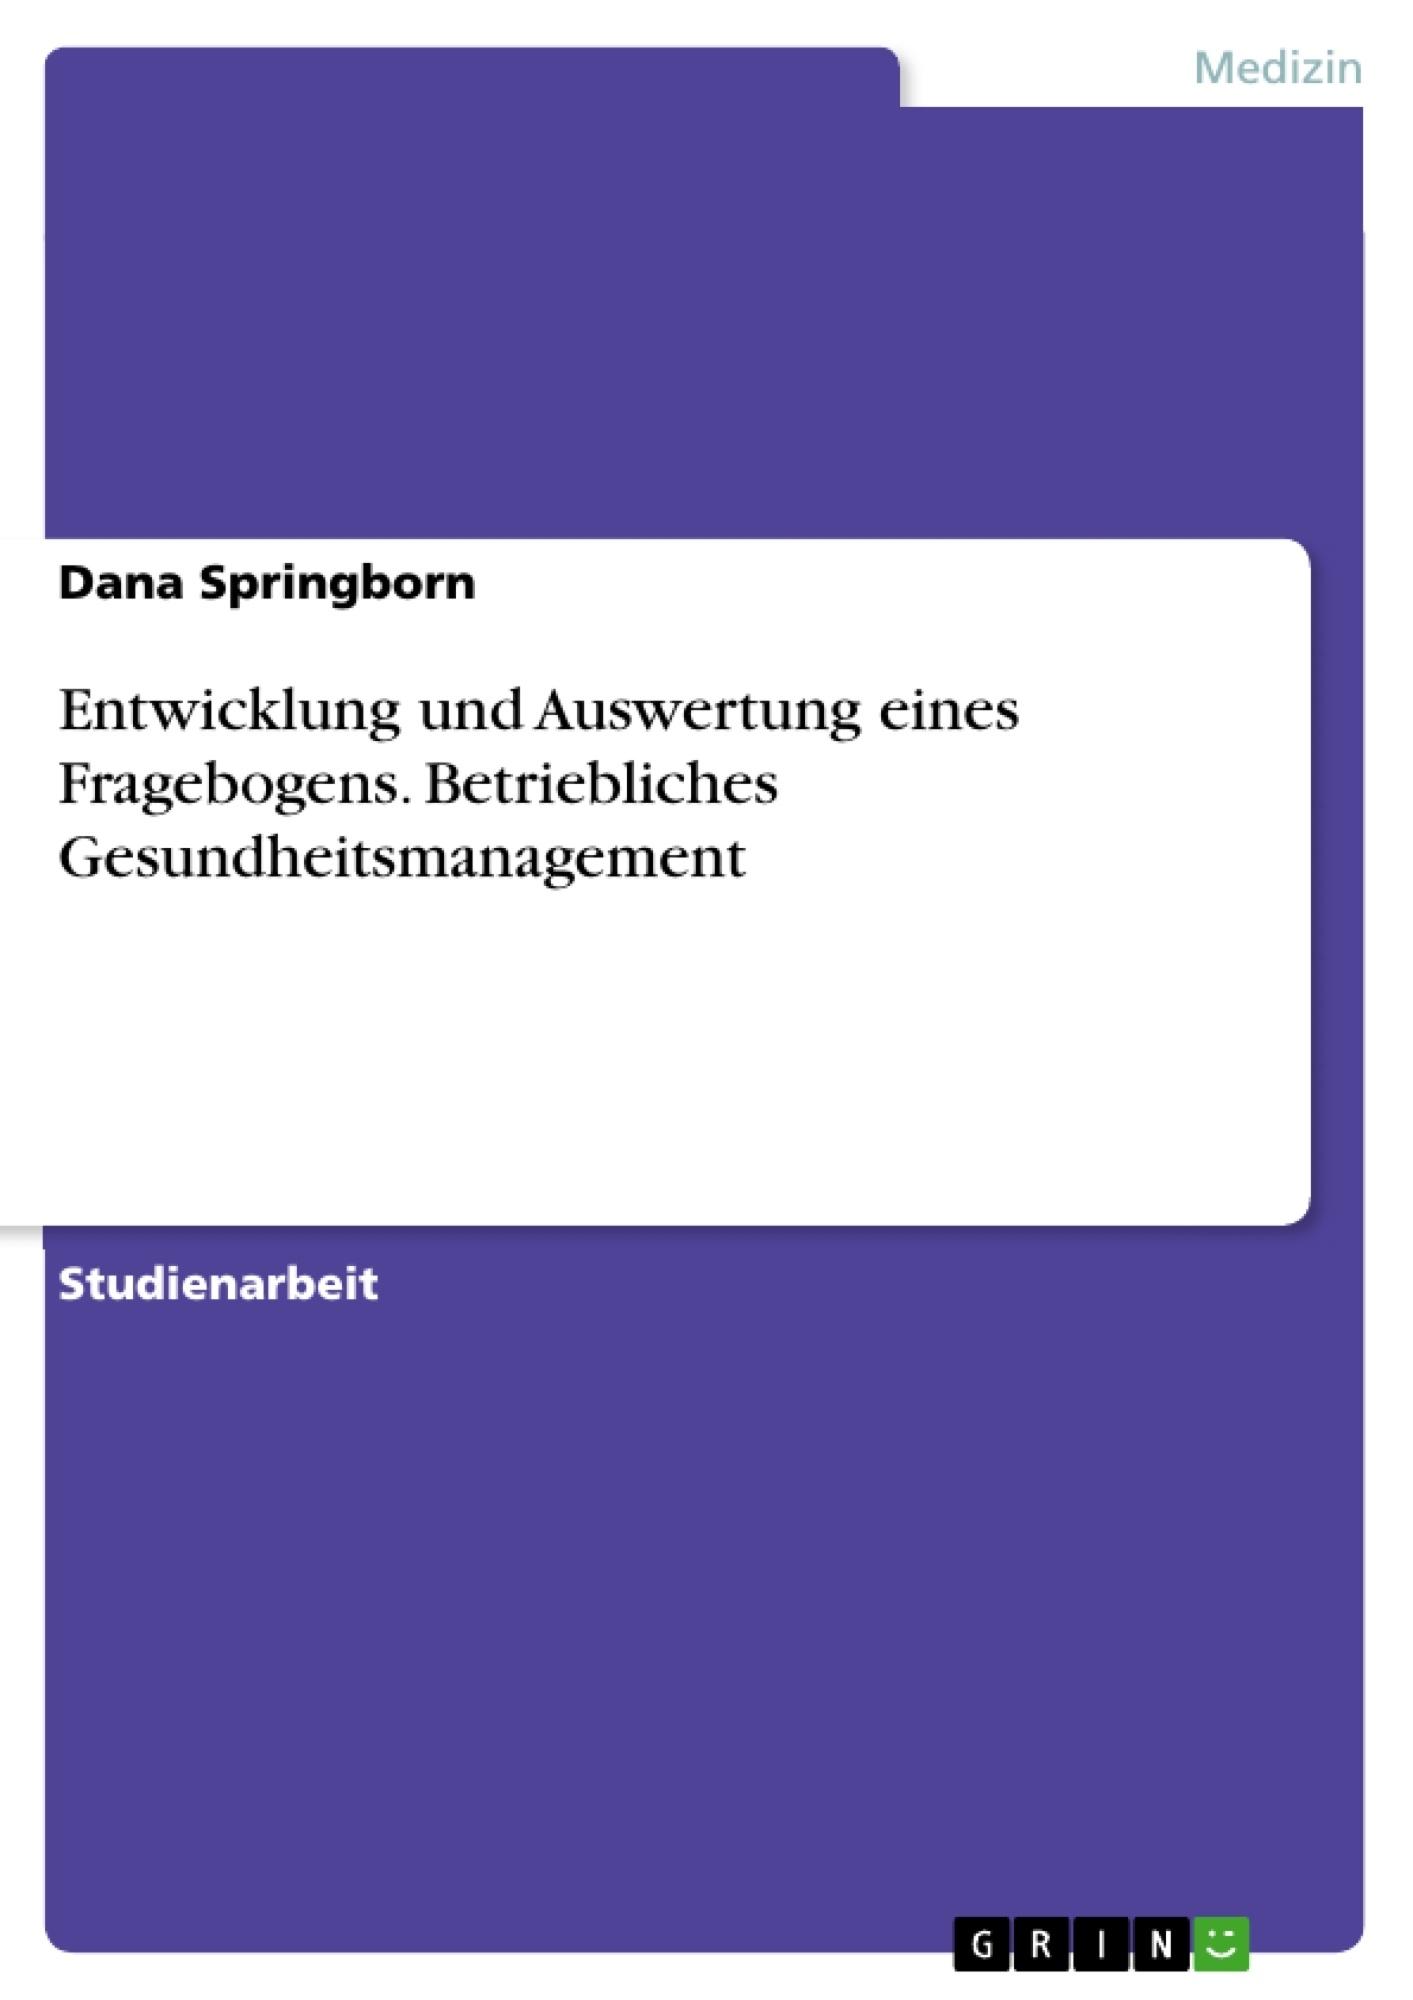 Titel: Entwicklung und Auswertung eines Fragebogens. Betriebliches Gesundheitsmanagement